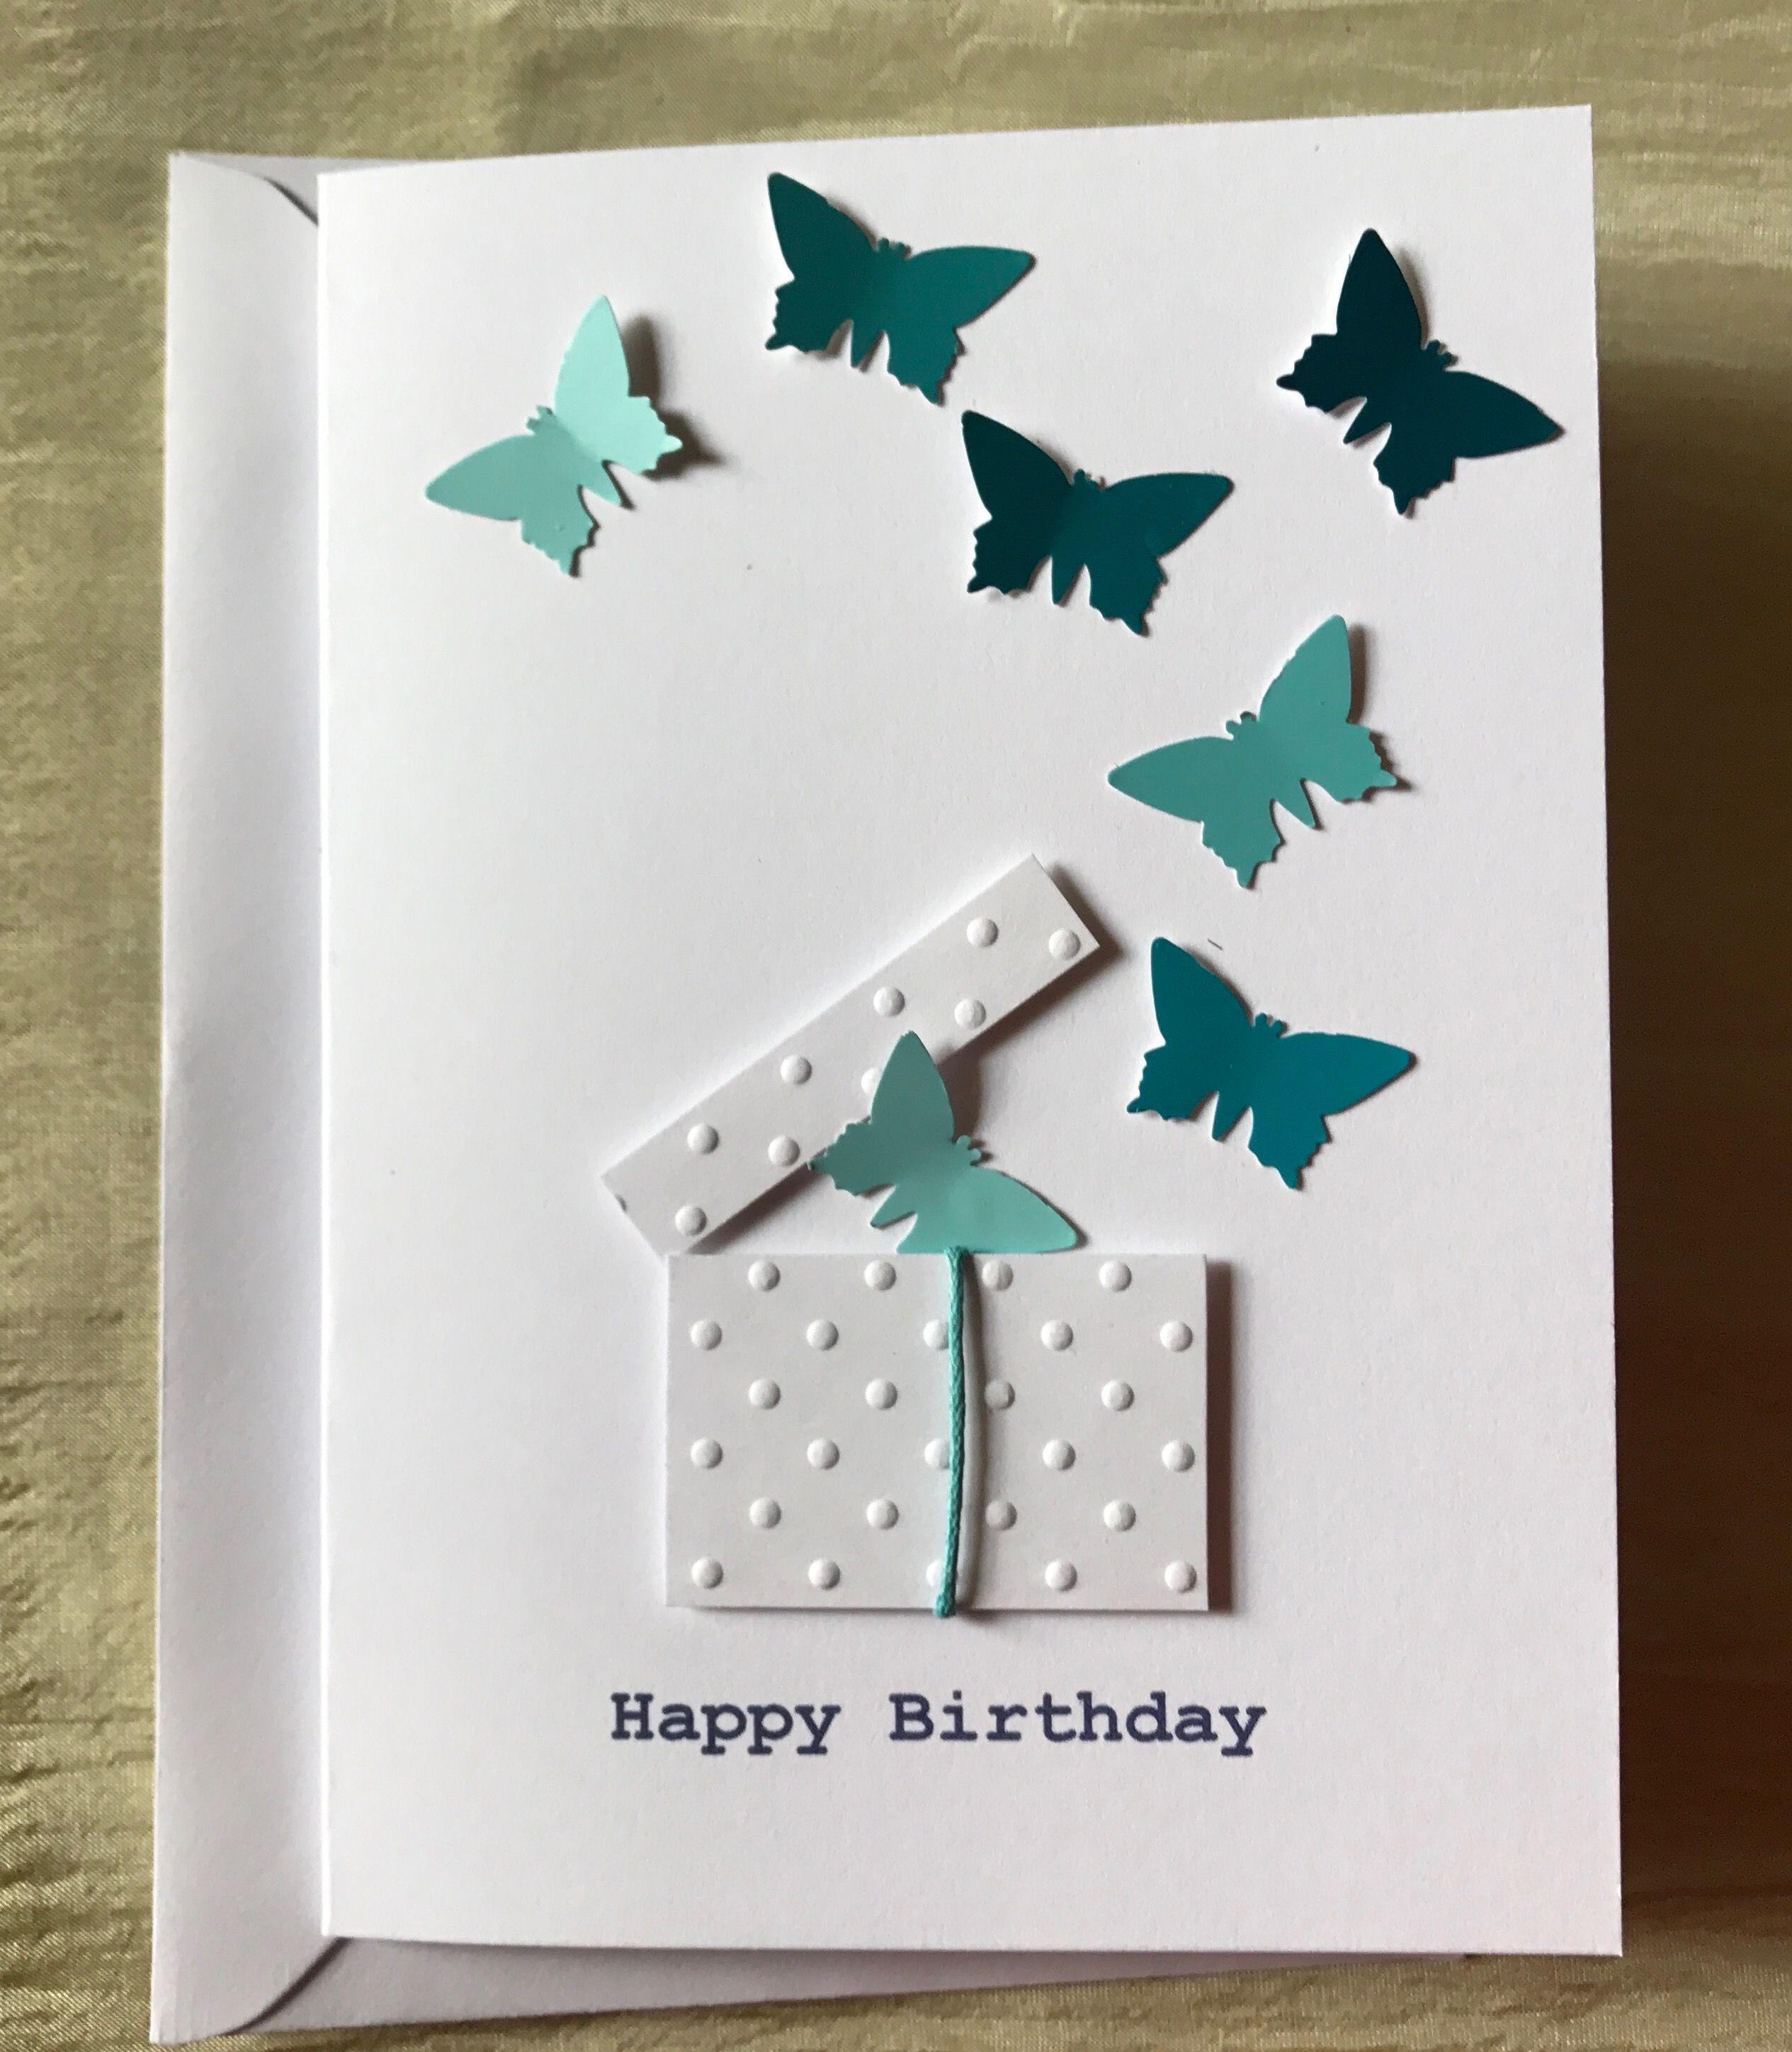 Поздравления с днем рождения открытки своими руками, смешные рожицы